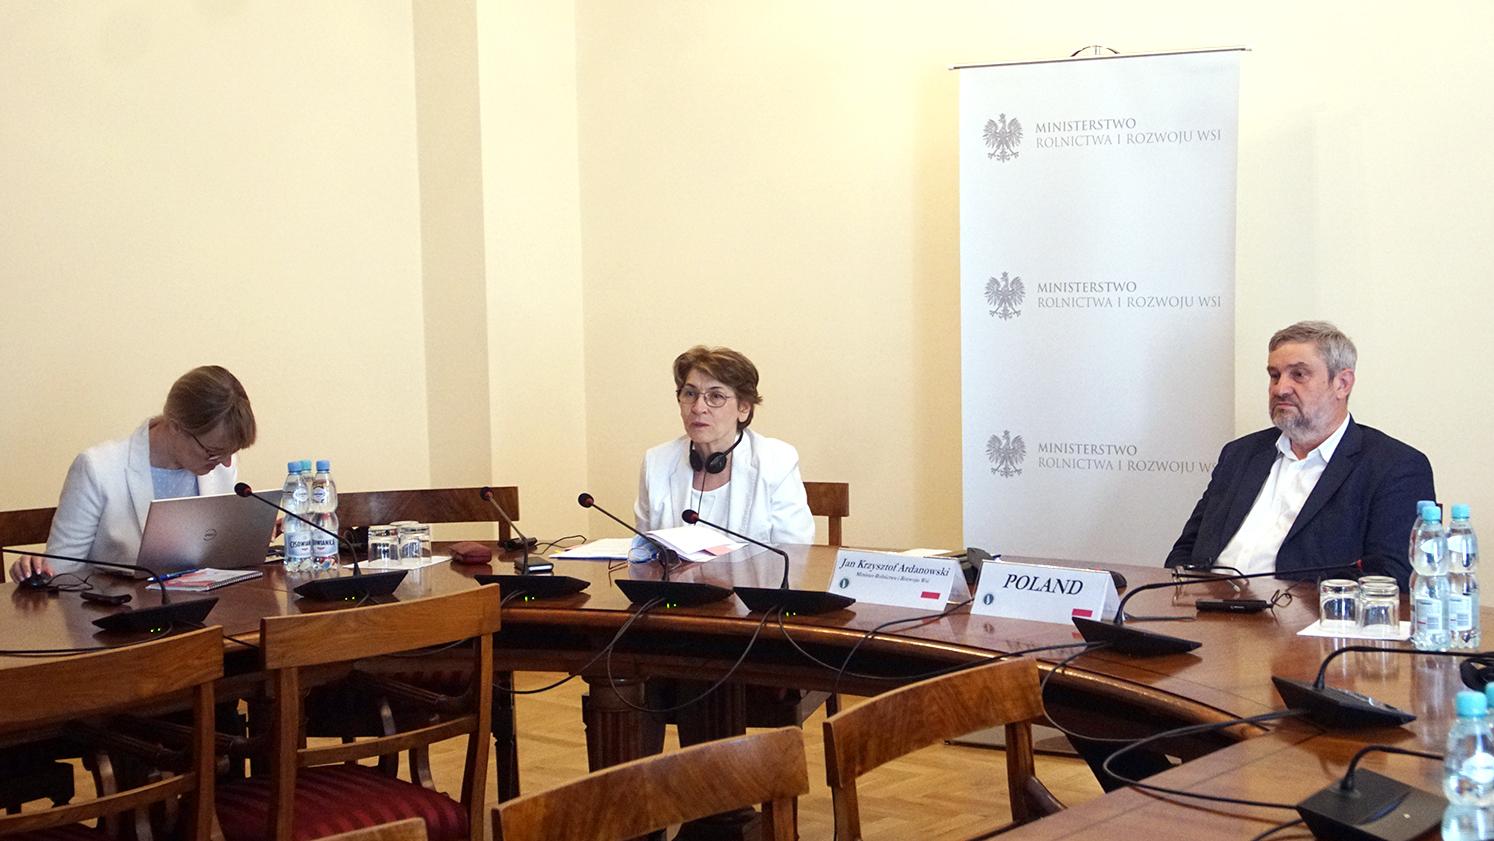 Polska delegacja podczas wideokonferencji